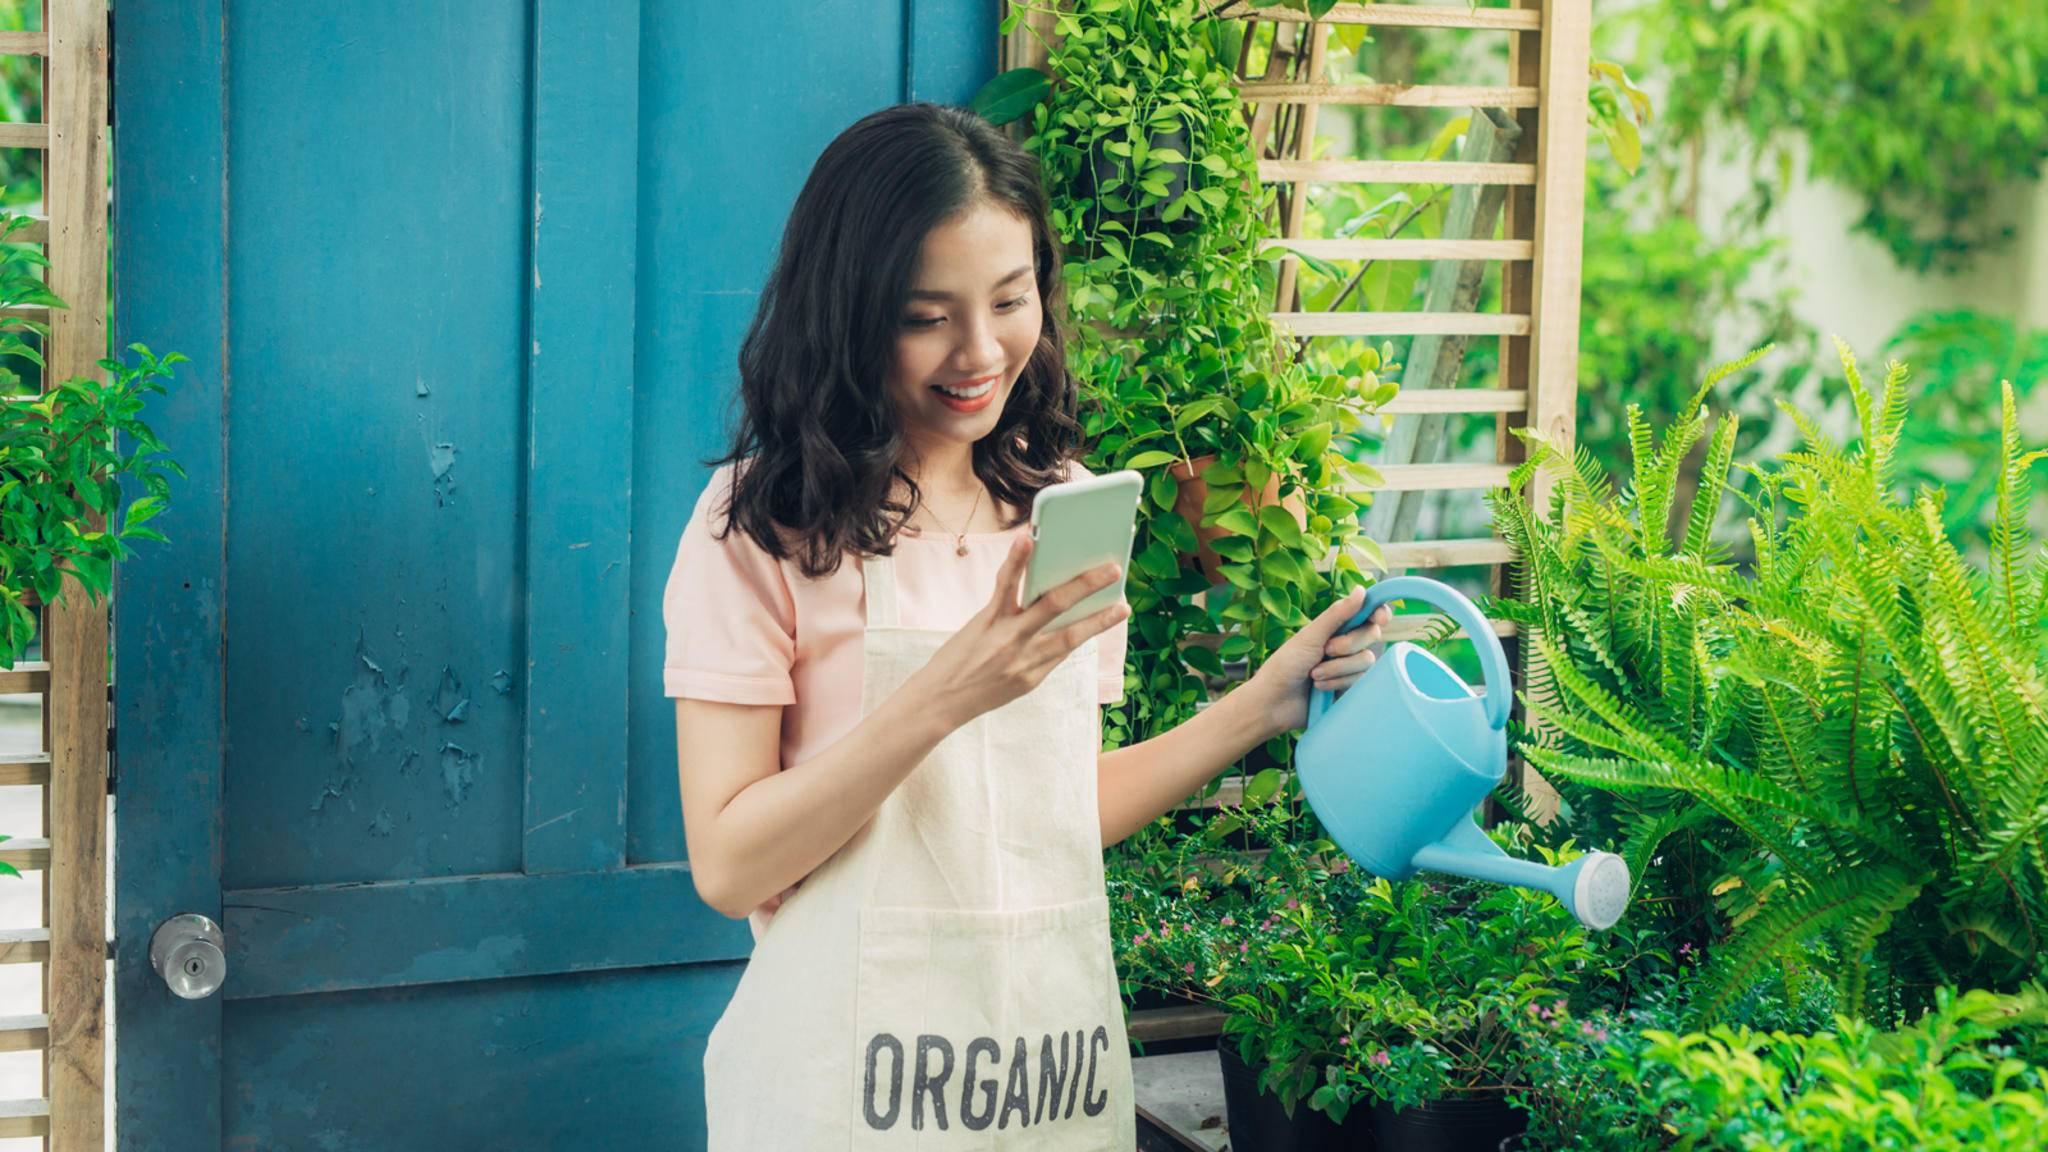 Garten-Apps helfen Dir dabei, Deinen Garten und/oder Balkon zu verschönern und zu pflegen.